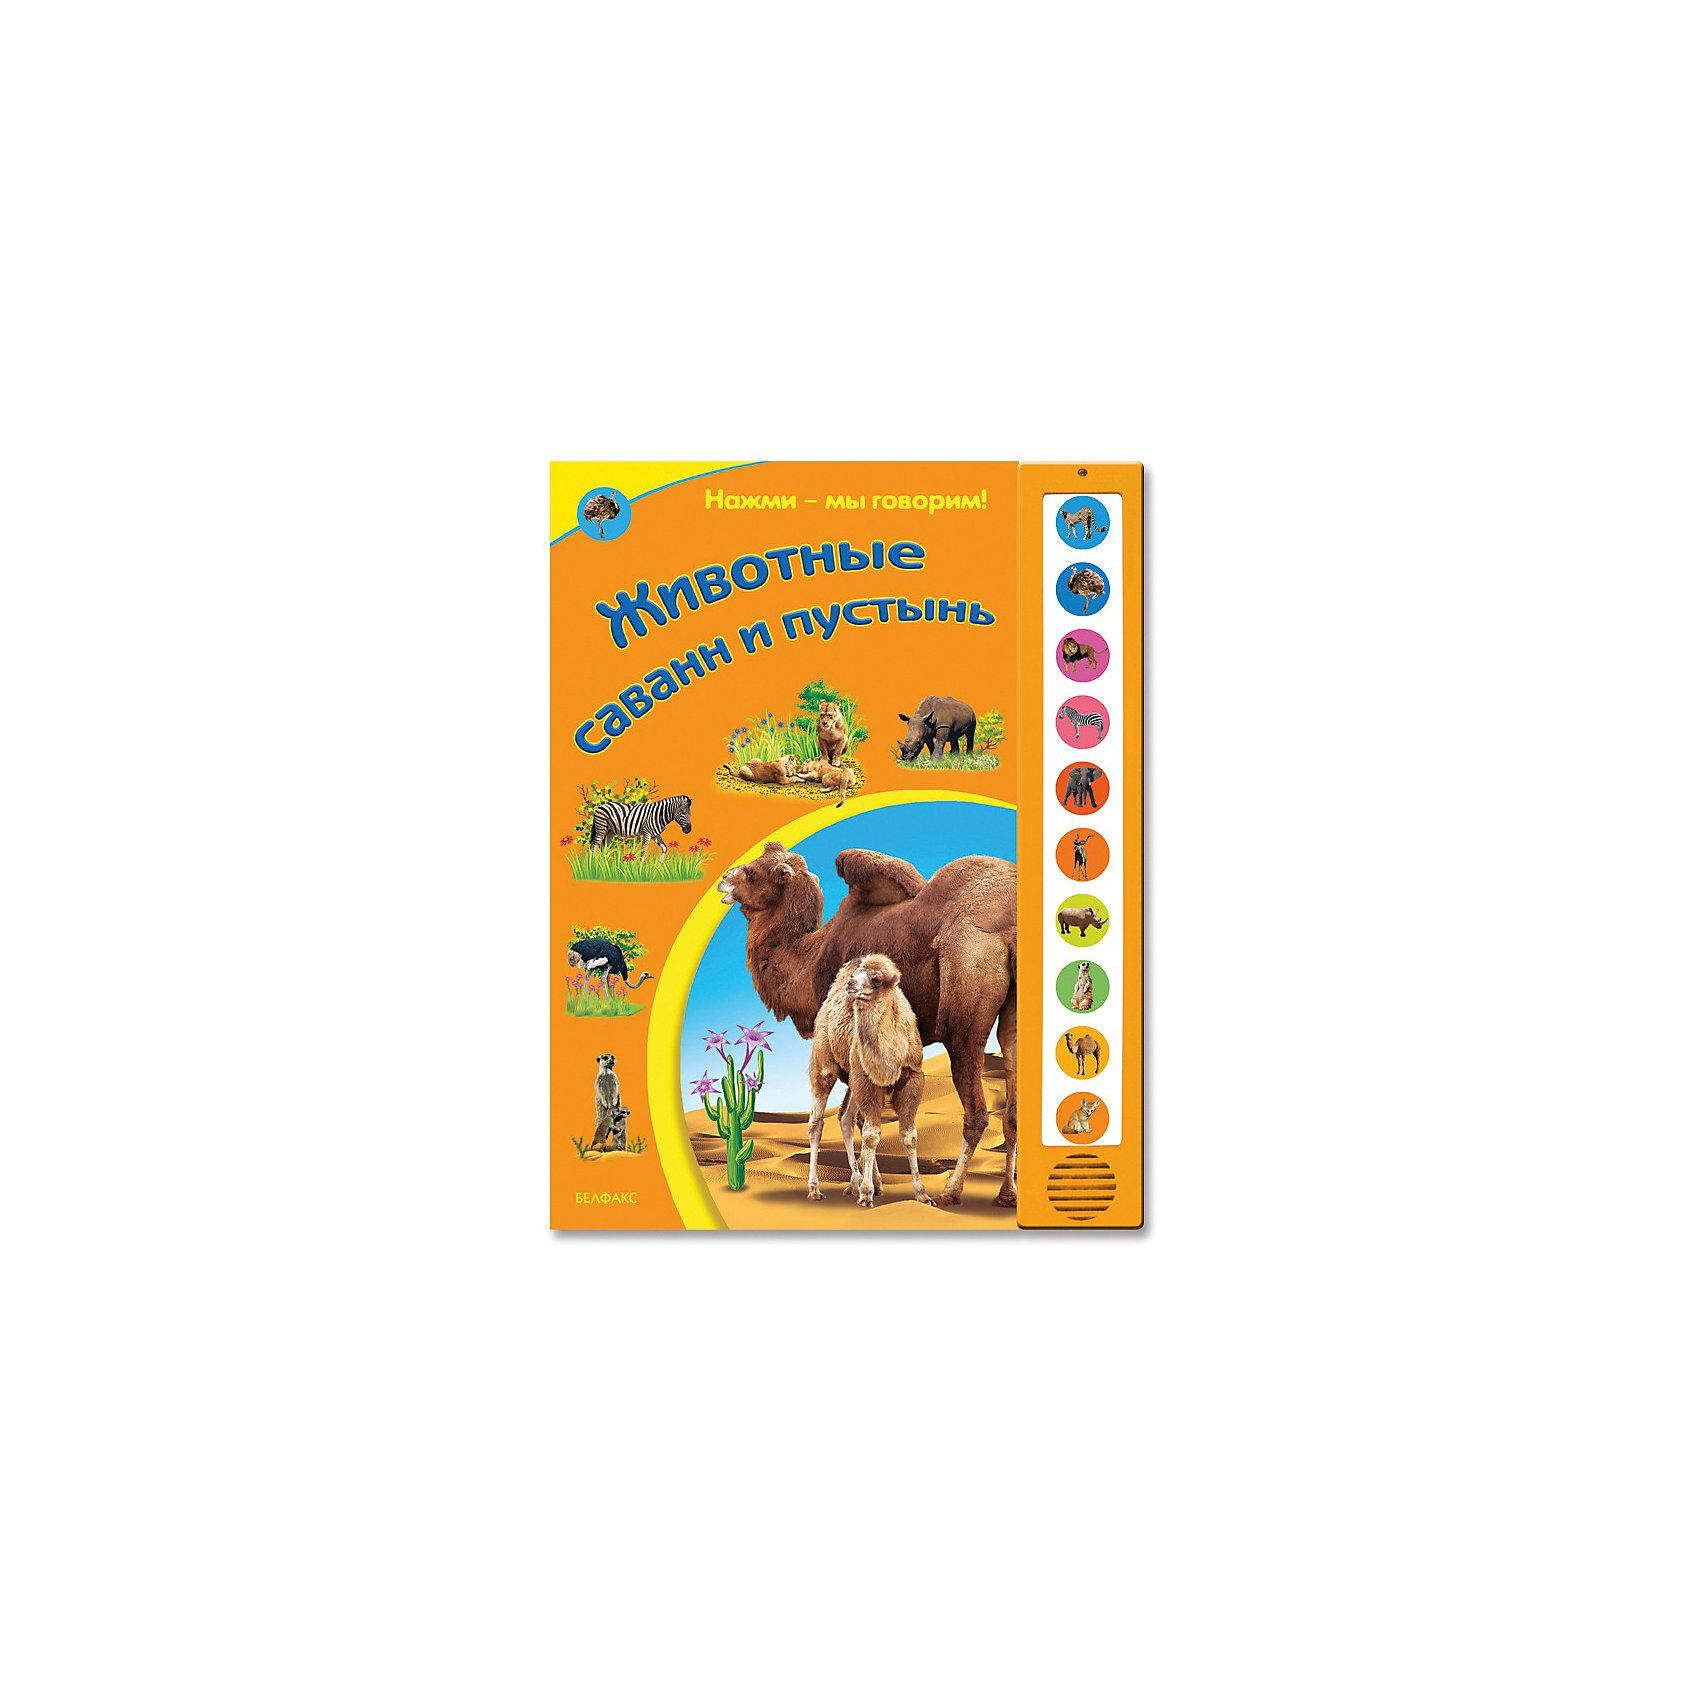 Книга с 10 кнопками Животные саванн и пустыньЖивотные саванн и пустынь, Азбукварик – это красочно иллюстрированная книга со звуковым модулем.<br>Книга Животные саванн и пустынь познакомит малыша с обитателями саванн и пустынь: гепардом, страусом, львом, зеброй, слоном, антилопой, сурикатом, верблюдом, лисичкой фенек. Из книжки он узнает, что едят животные, как они говорят, какие у них повадки, об их детенышах. Забавные стихи, красочные иллюстрации и кнопочки со звуками сделают знакомство с обитателями саванн и пустынь веселым и интересным. Все страницы книги сделаны из плотного картона с закругленными углами, так что ребенок легко и безопасно сможет их переворачивать.<br><br>Дополнительная информация:<br><br>- Автор: Ольга Уласевич<br>- Иллюстратор: Володенок О<br>- Издательство: Азбукварик<br>- Серия: Нажми - мы говорим<br>- Тип обложки: твердый переплет<br>- Оформление: частичная лакировка, со звуковым модулем<br>- На модуле с 10 звуками записаны настоящие голоса животных<br>- Тип иллюстраций: цветные<br>- Страниц: 10<br>- Бумага: картон<br>- Вес: 440 гр.<br>- Размеры: 300x235x8мм.<br>- Батарейки: 3 шт. типа AG13/LR44 (в комплект входят демонстрационные)<br><br>Книгу «Животные саванн и пустынь», Азбукварик можно купить в нашем интернет-магазине.<br><br>Ширина мм: 230<br>Глубина мм: 15<br>Высота мм: 300<br>Вес г: 470<br>Возраст от месяцев: 36<br>Возраст до месяцев: 72<br>Пол: Унисекс<br>Возраст: Детский<br>SKU: 3803640